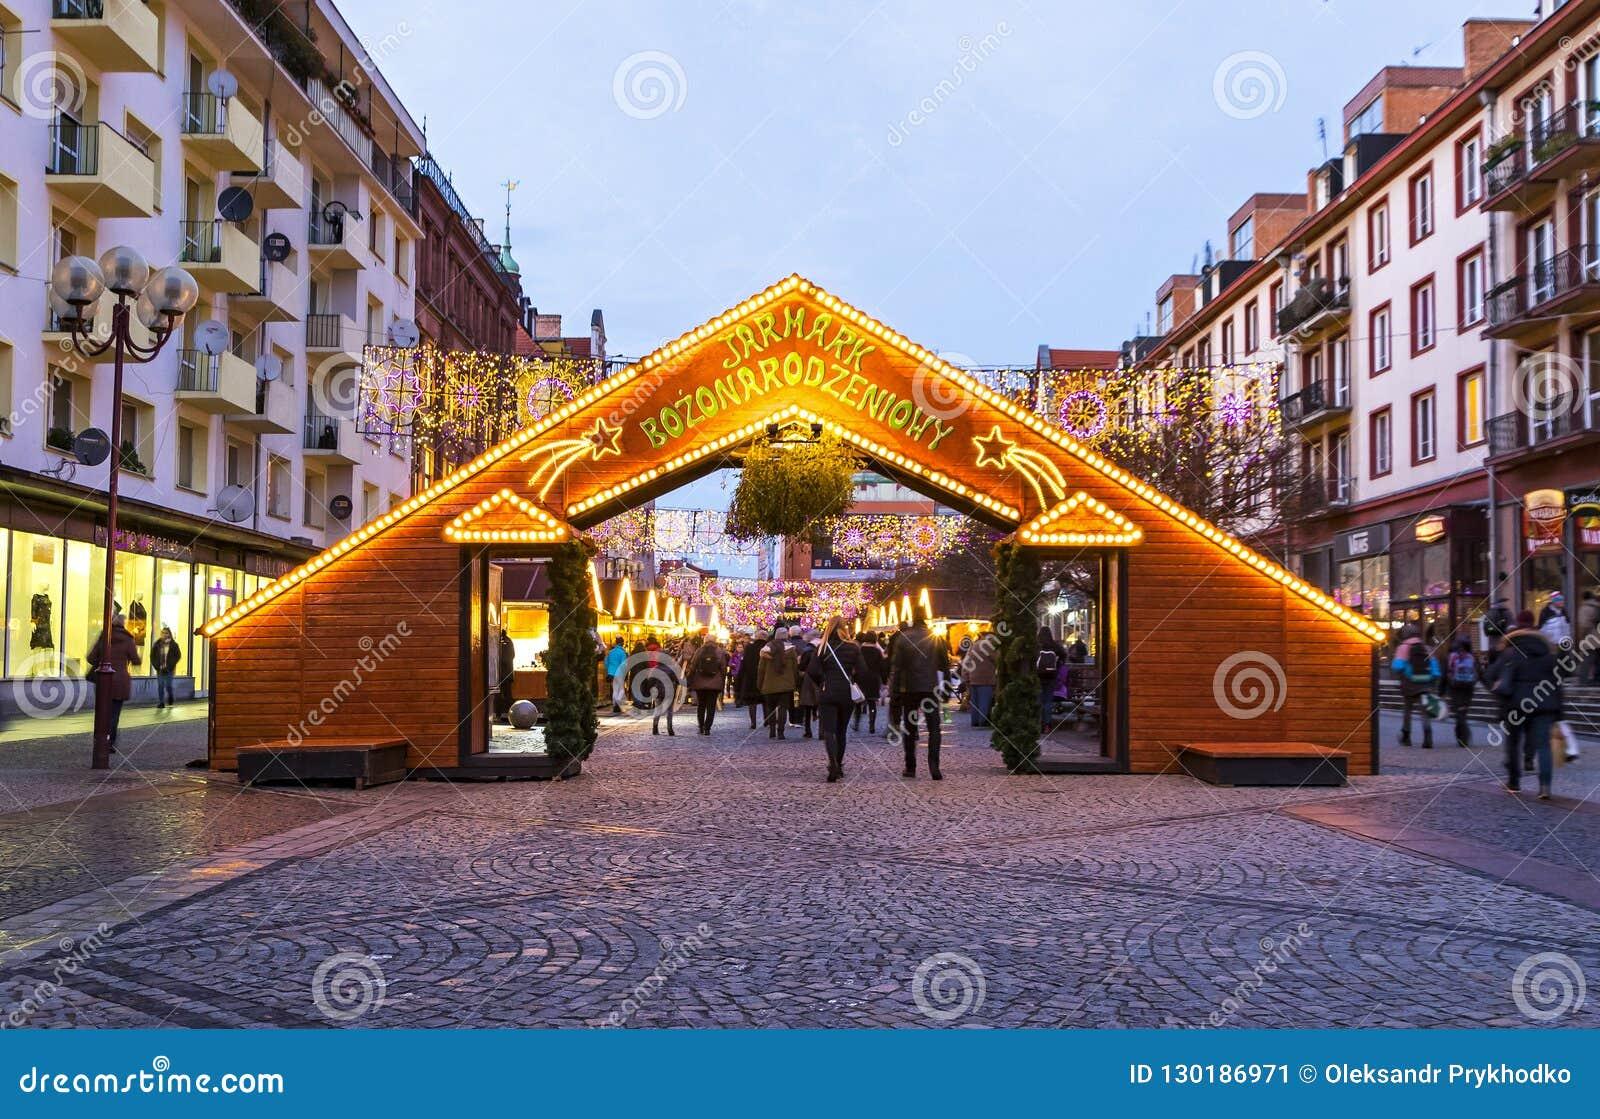 Marché de Noël à Wroclaw, Pologne